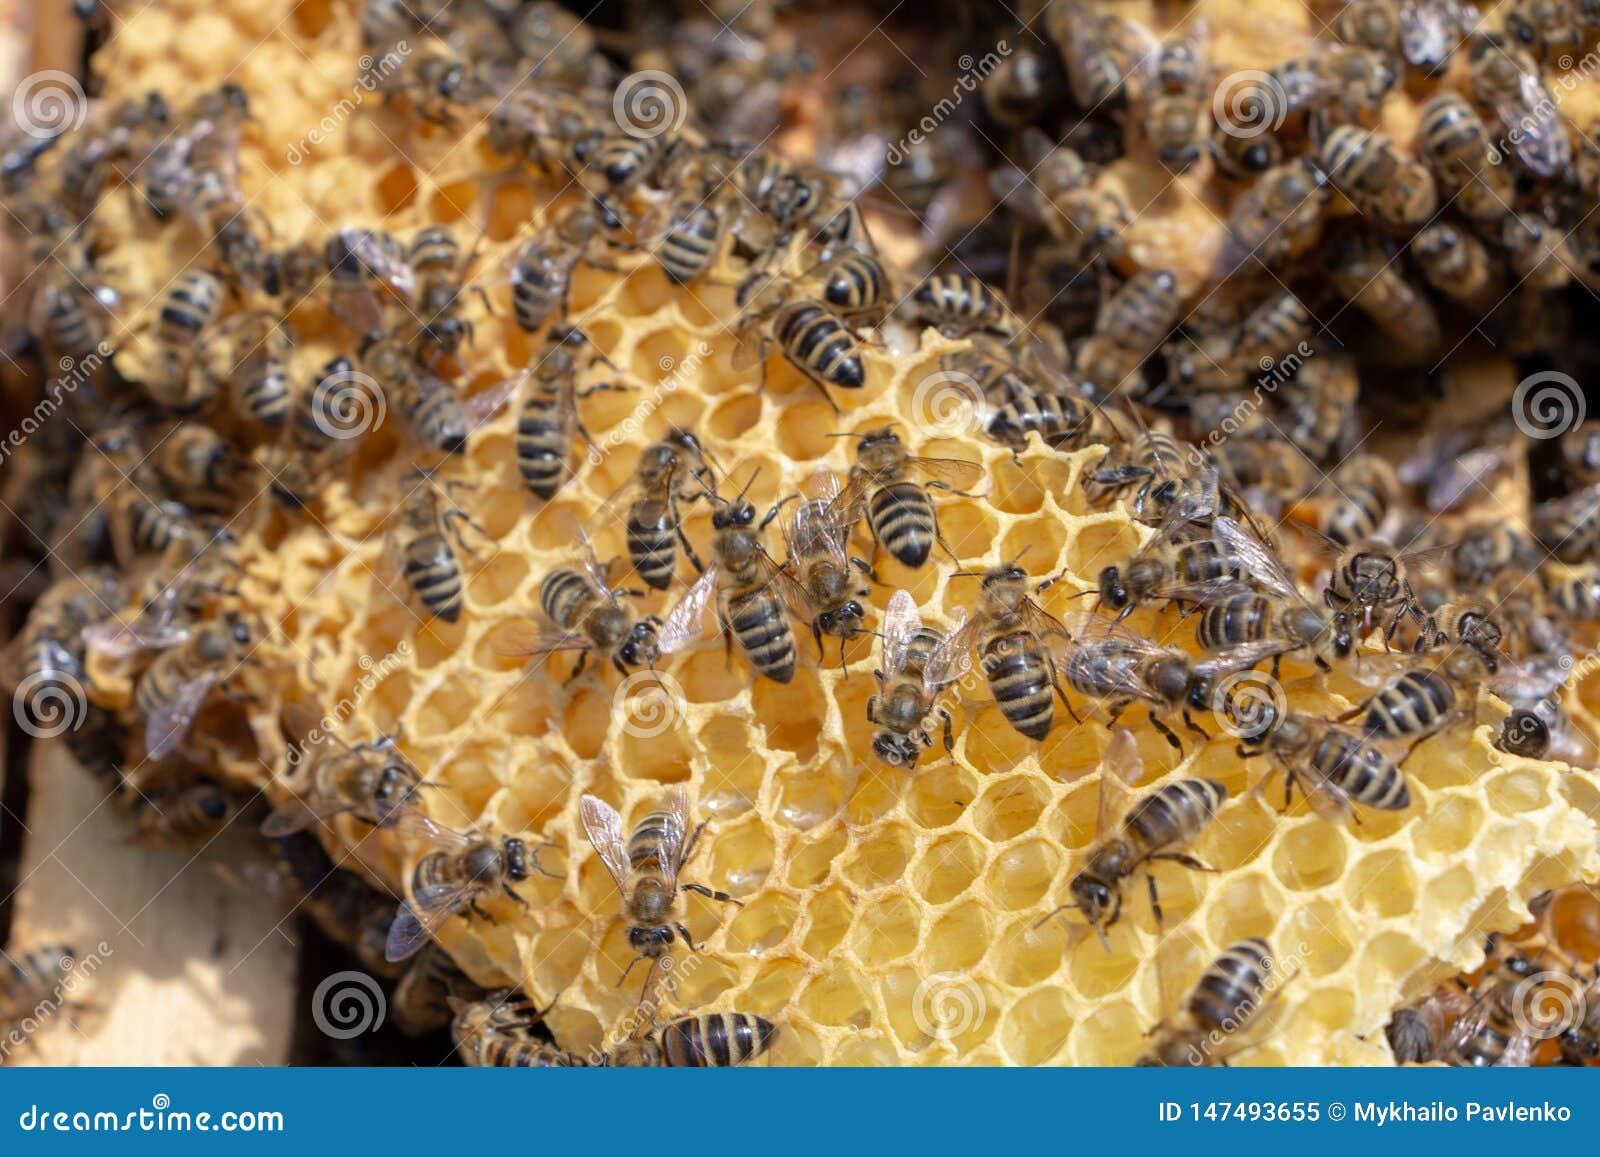 Οι μέλισσες εργάζονται σε μια ανοικτή κυψέλη, η οποία εξυπηρετεί έναν μελισσοκόμο